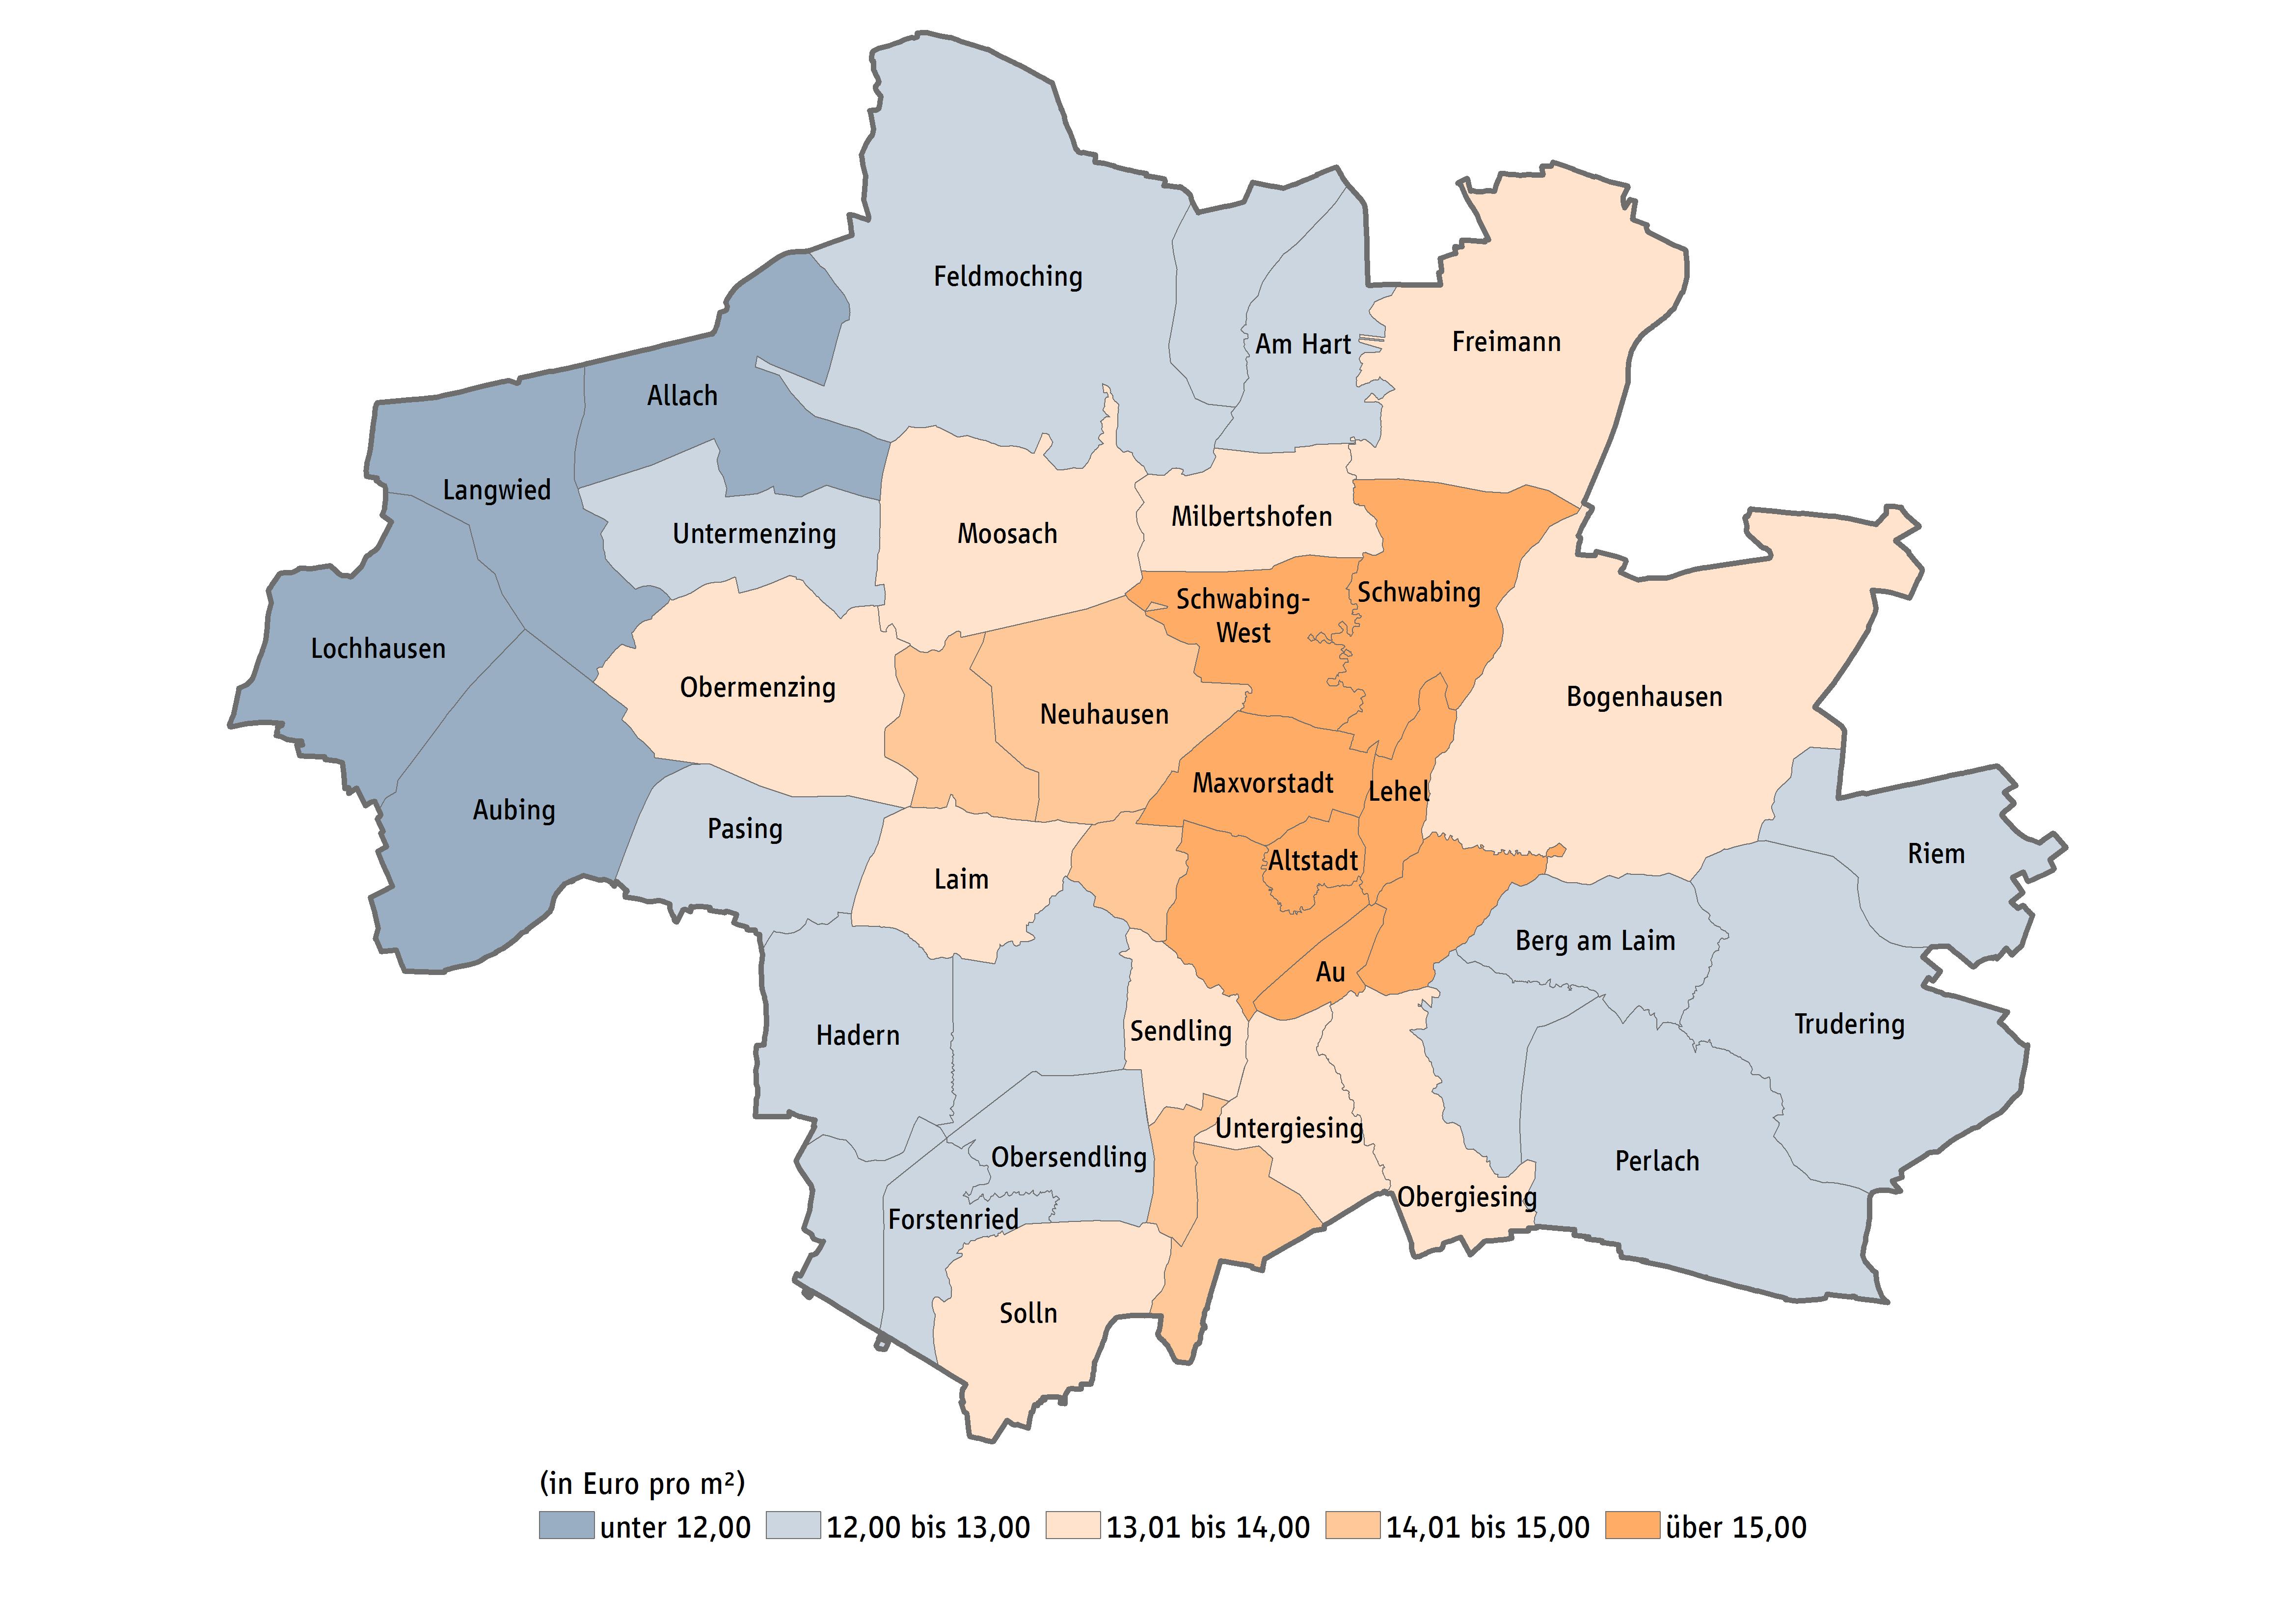 Karte München Stadtteile.Mietspiegel München Mietpreise Immobilienpreise